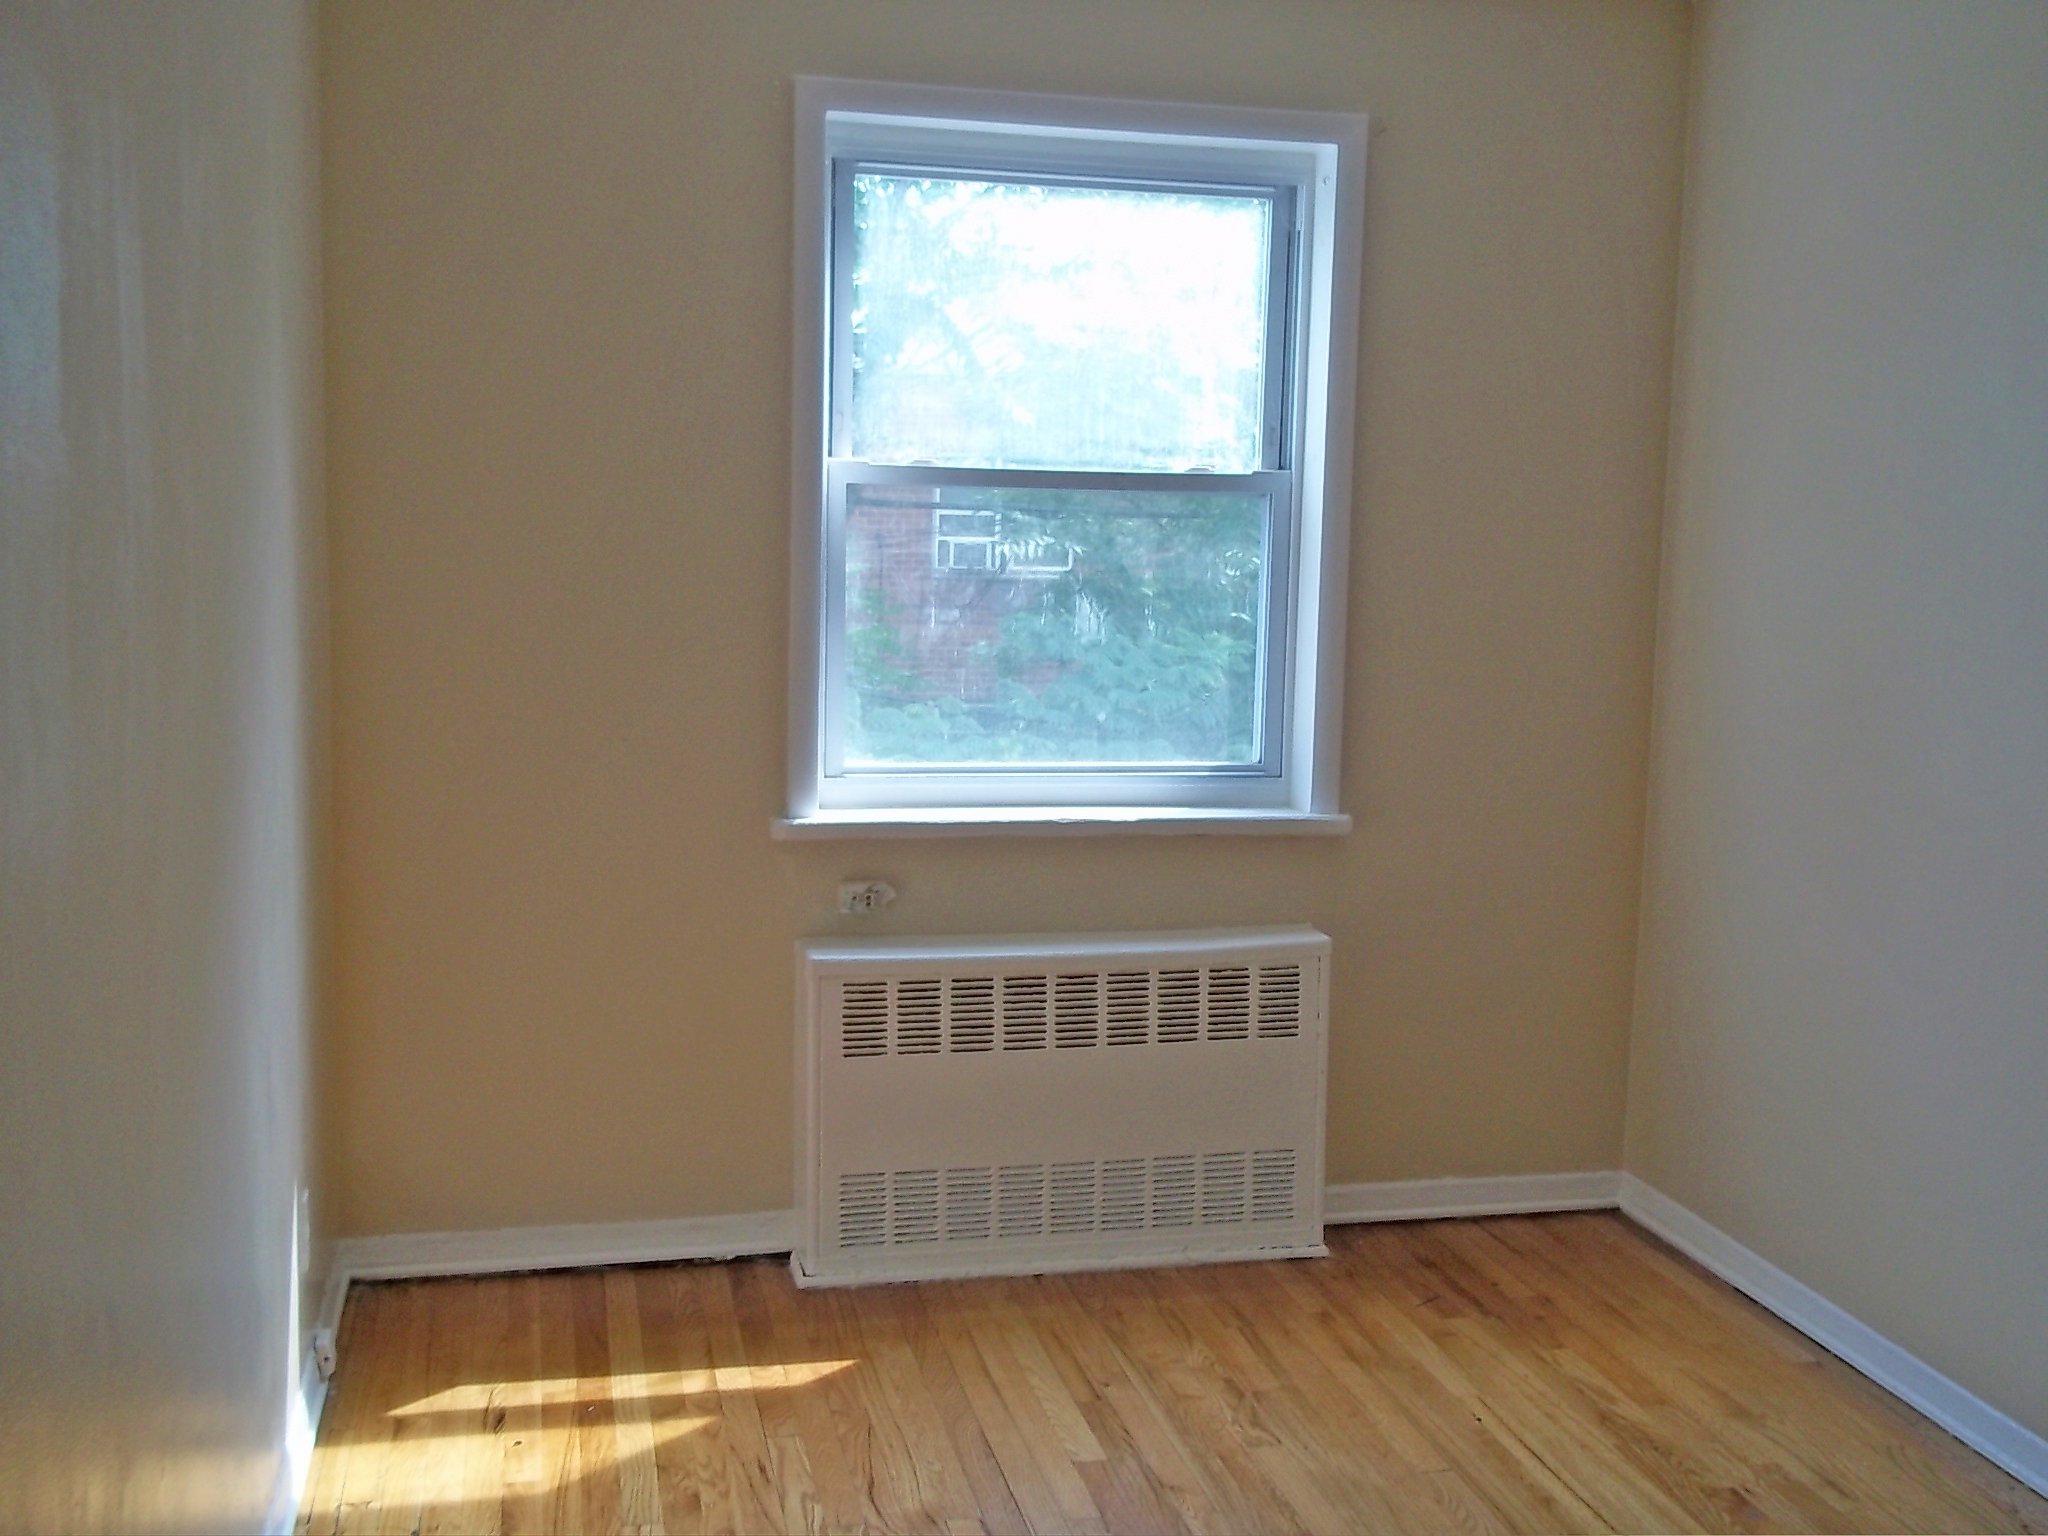 2 Bedroom Homes For Rent In Canarsie 2 Bedroom Homes For Rent In Canarsie 2 Bedroom Homes For